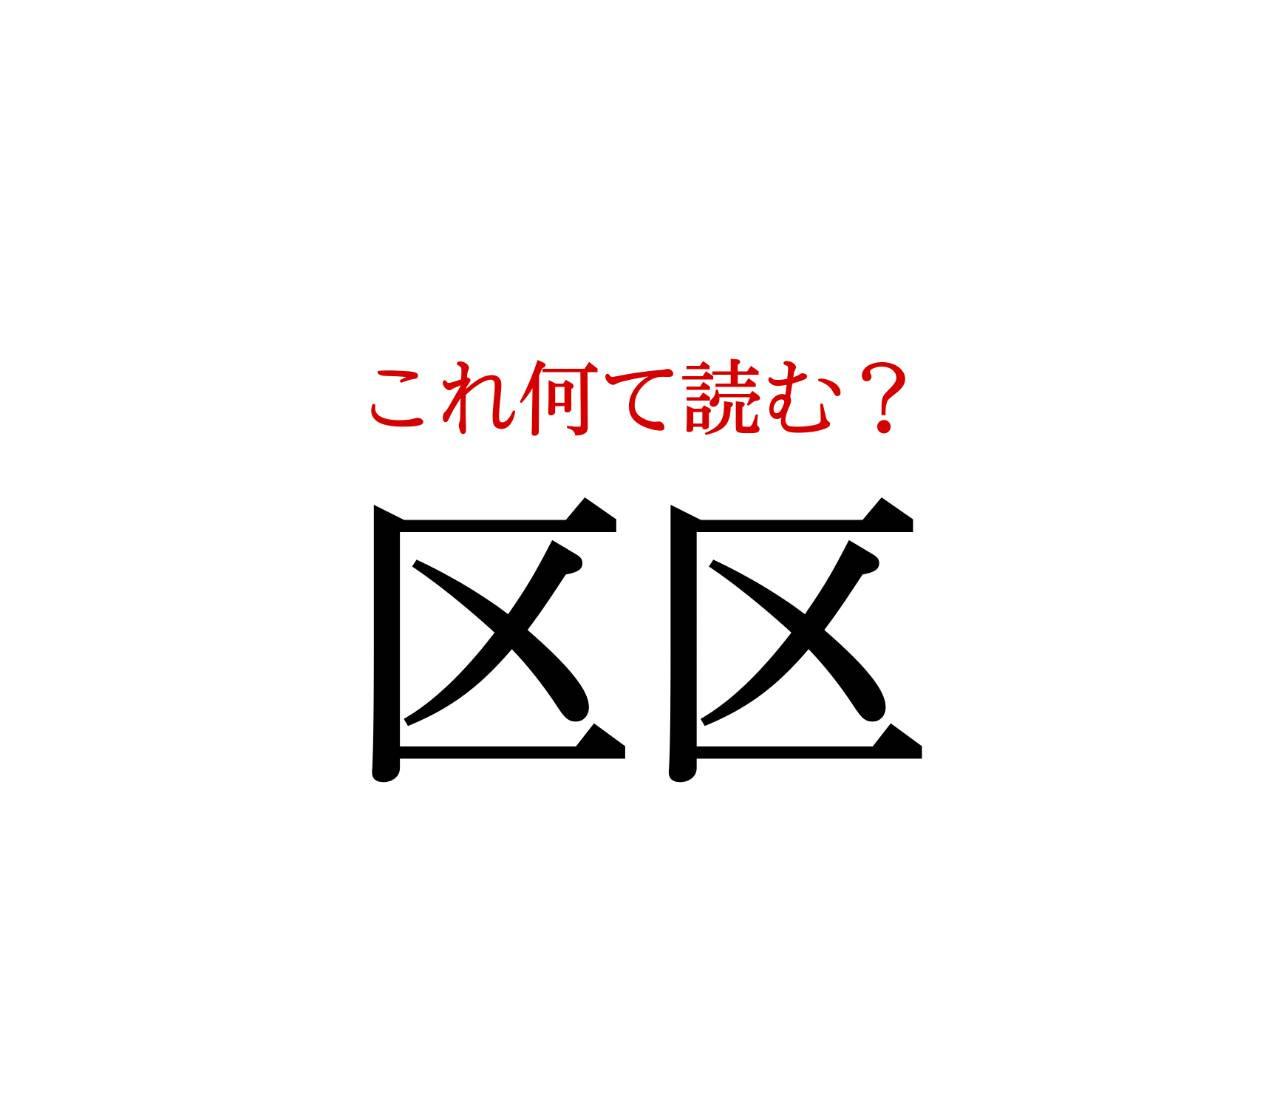 「区区」:この漢字、自信を持って読めますか?【働く大人の漢字クイズvol.118】